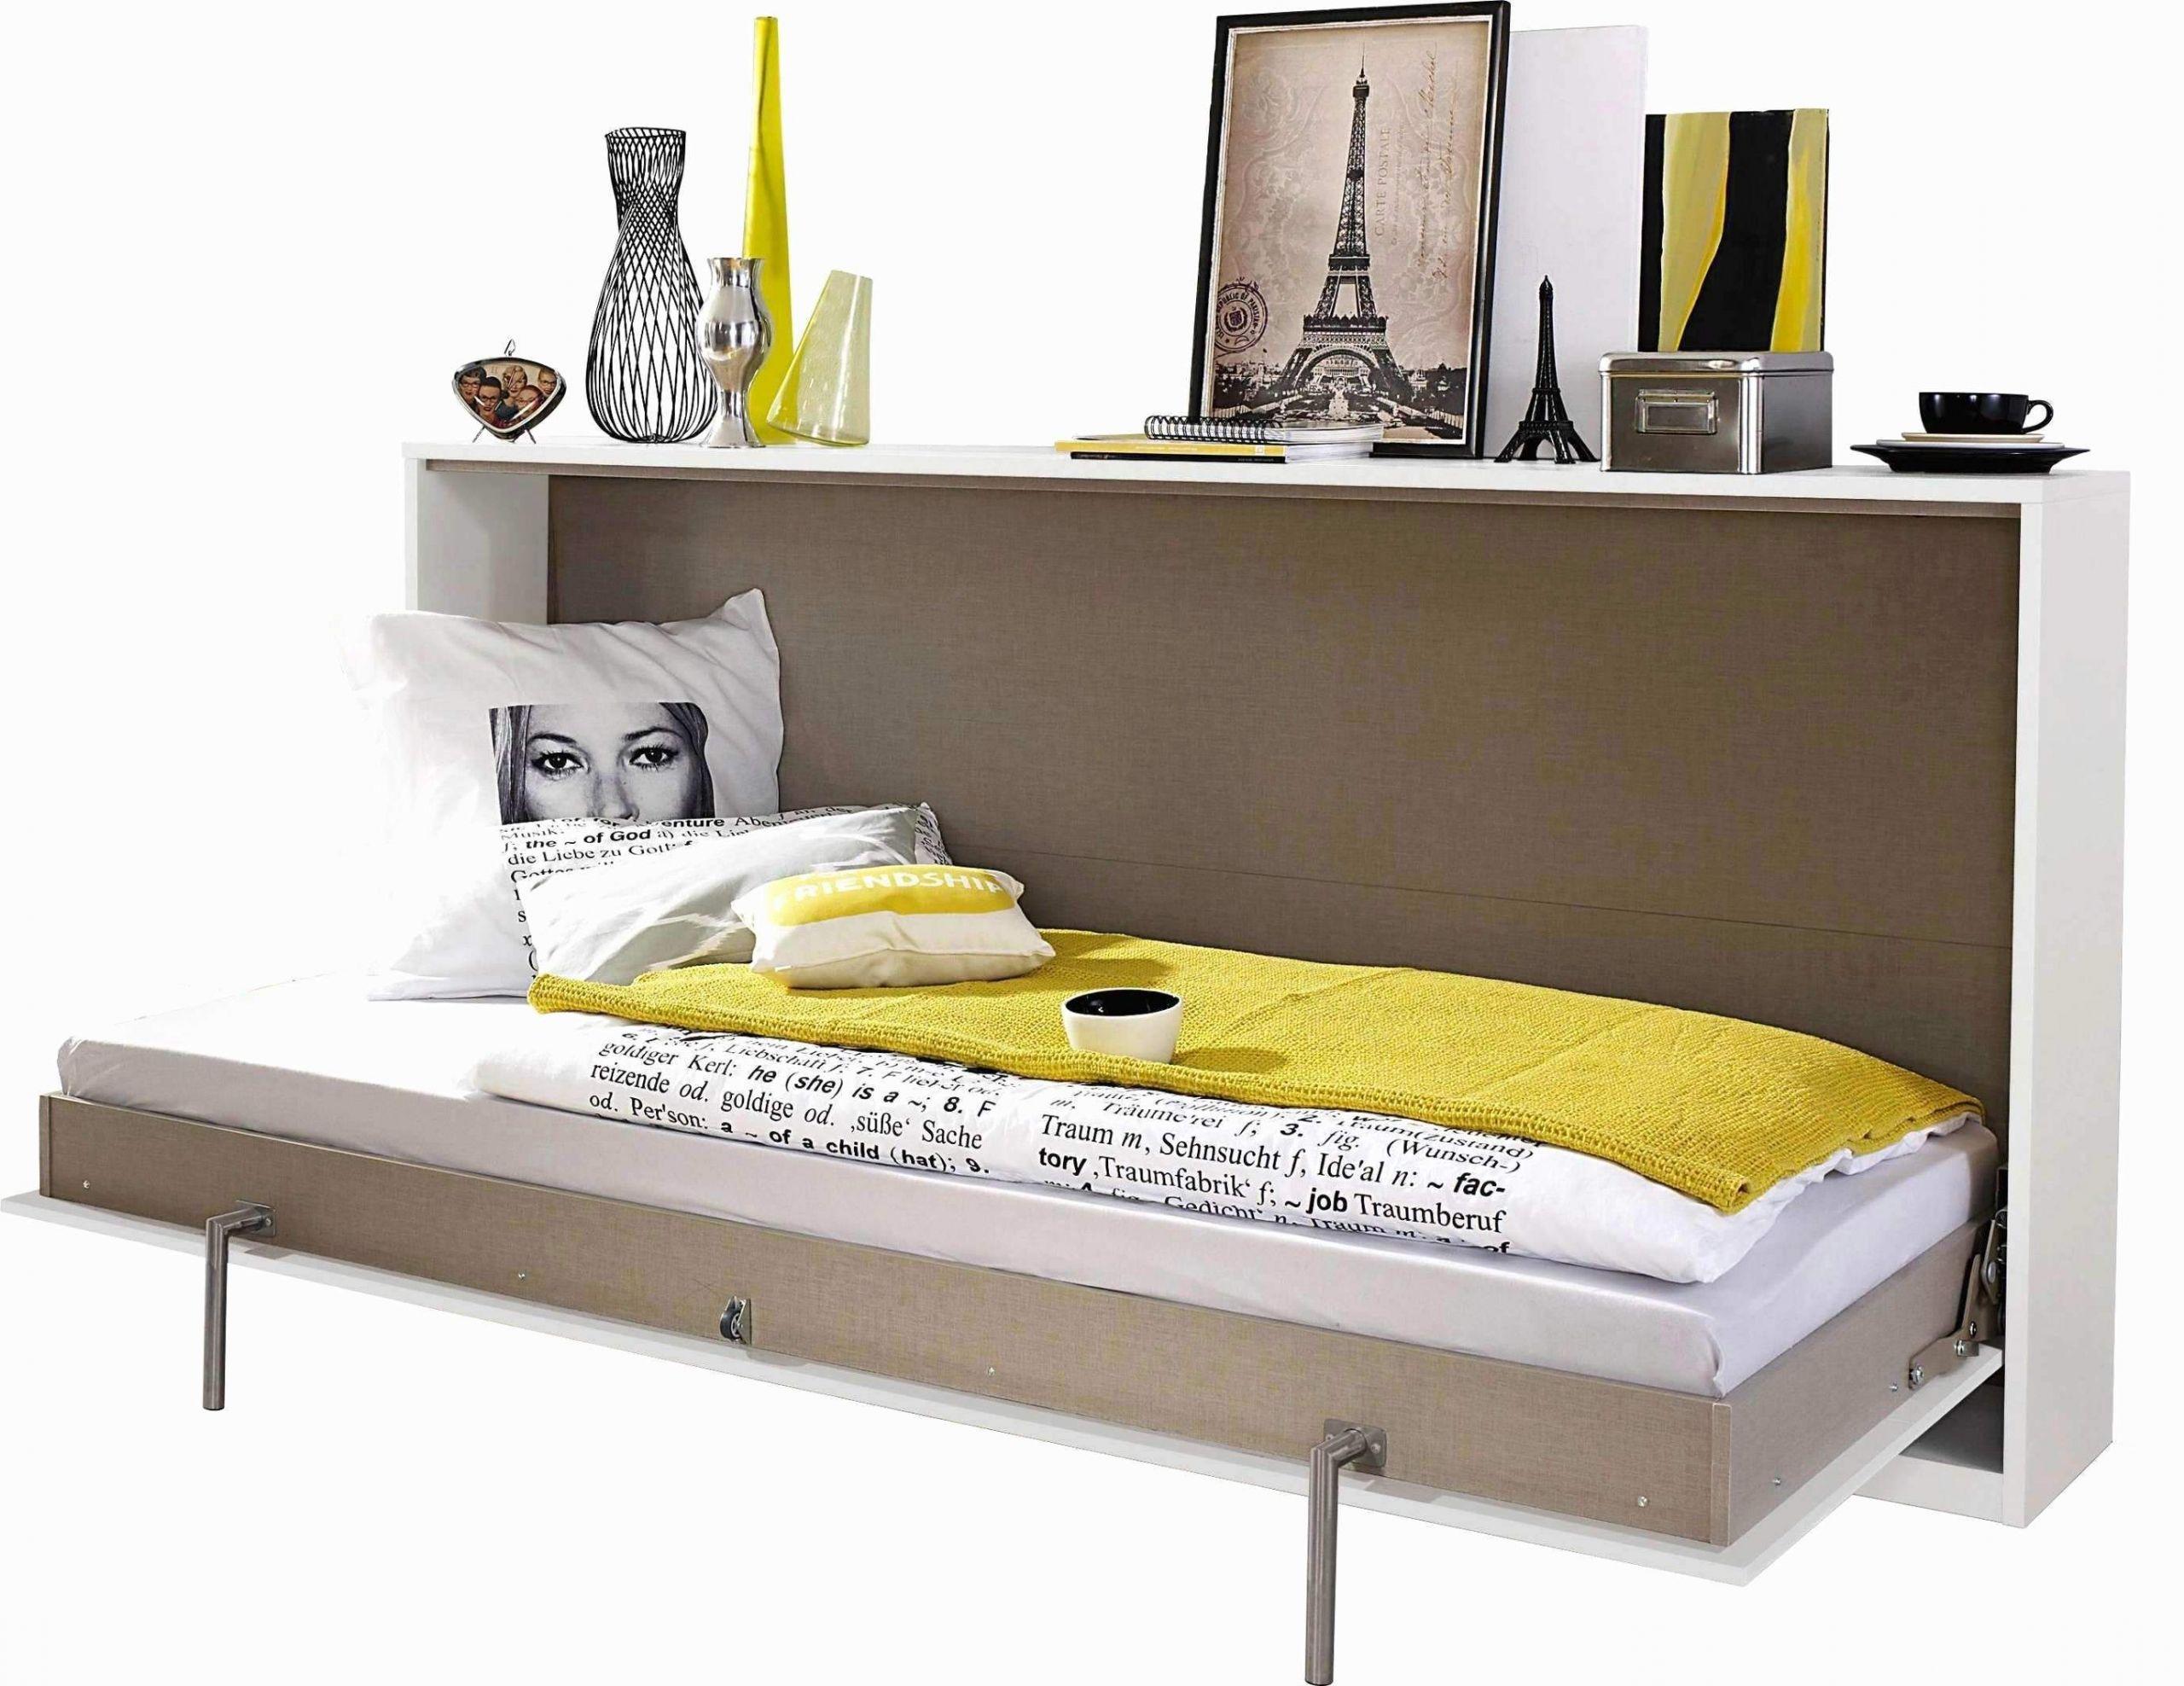 Full Size of Deckenlampen Ideen Schlafzimmer Deckenlampe Wohnzimmer Für Tapeten Bad Renovieren Modern Wohnzimmer Deckenlampen Ideen